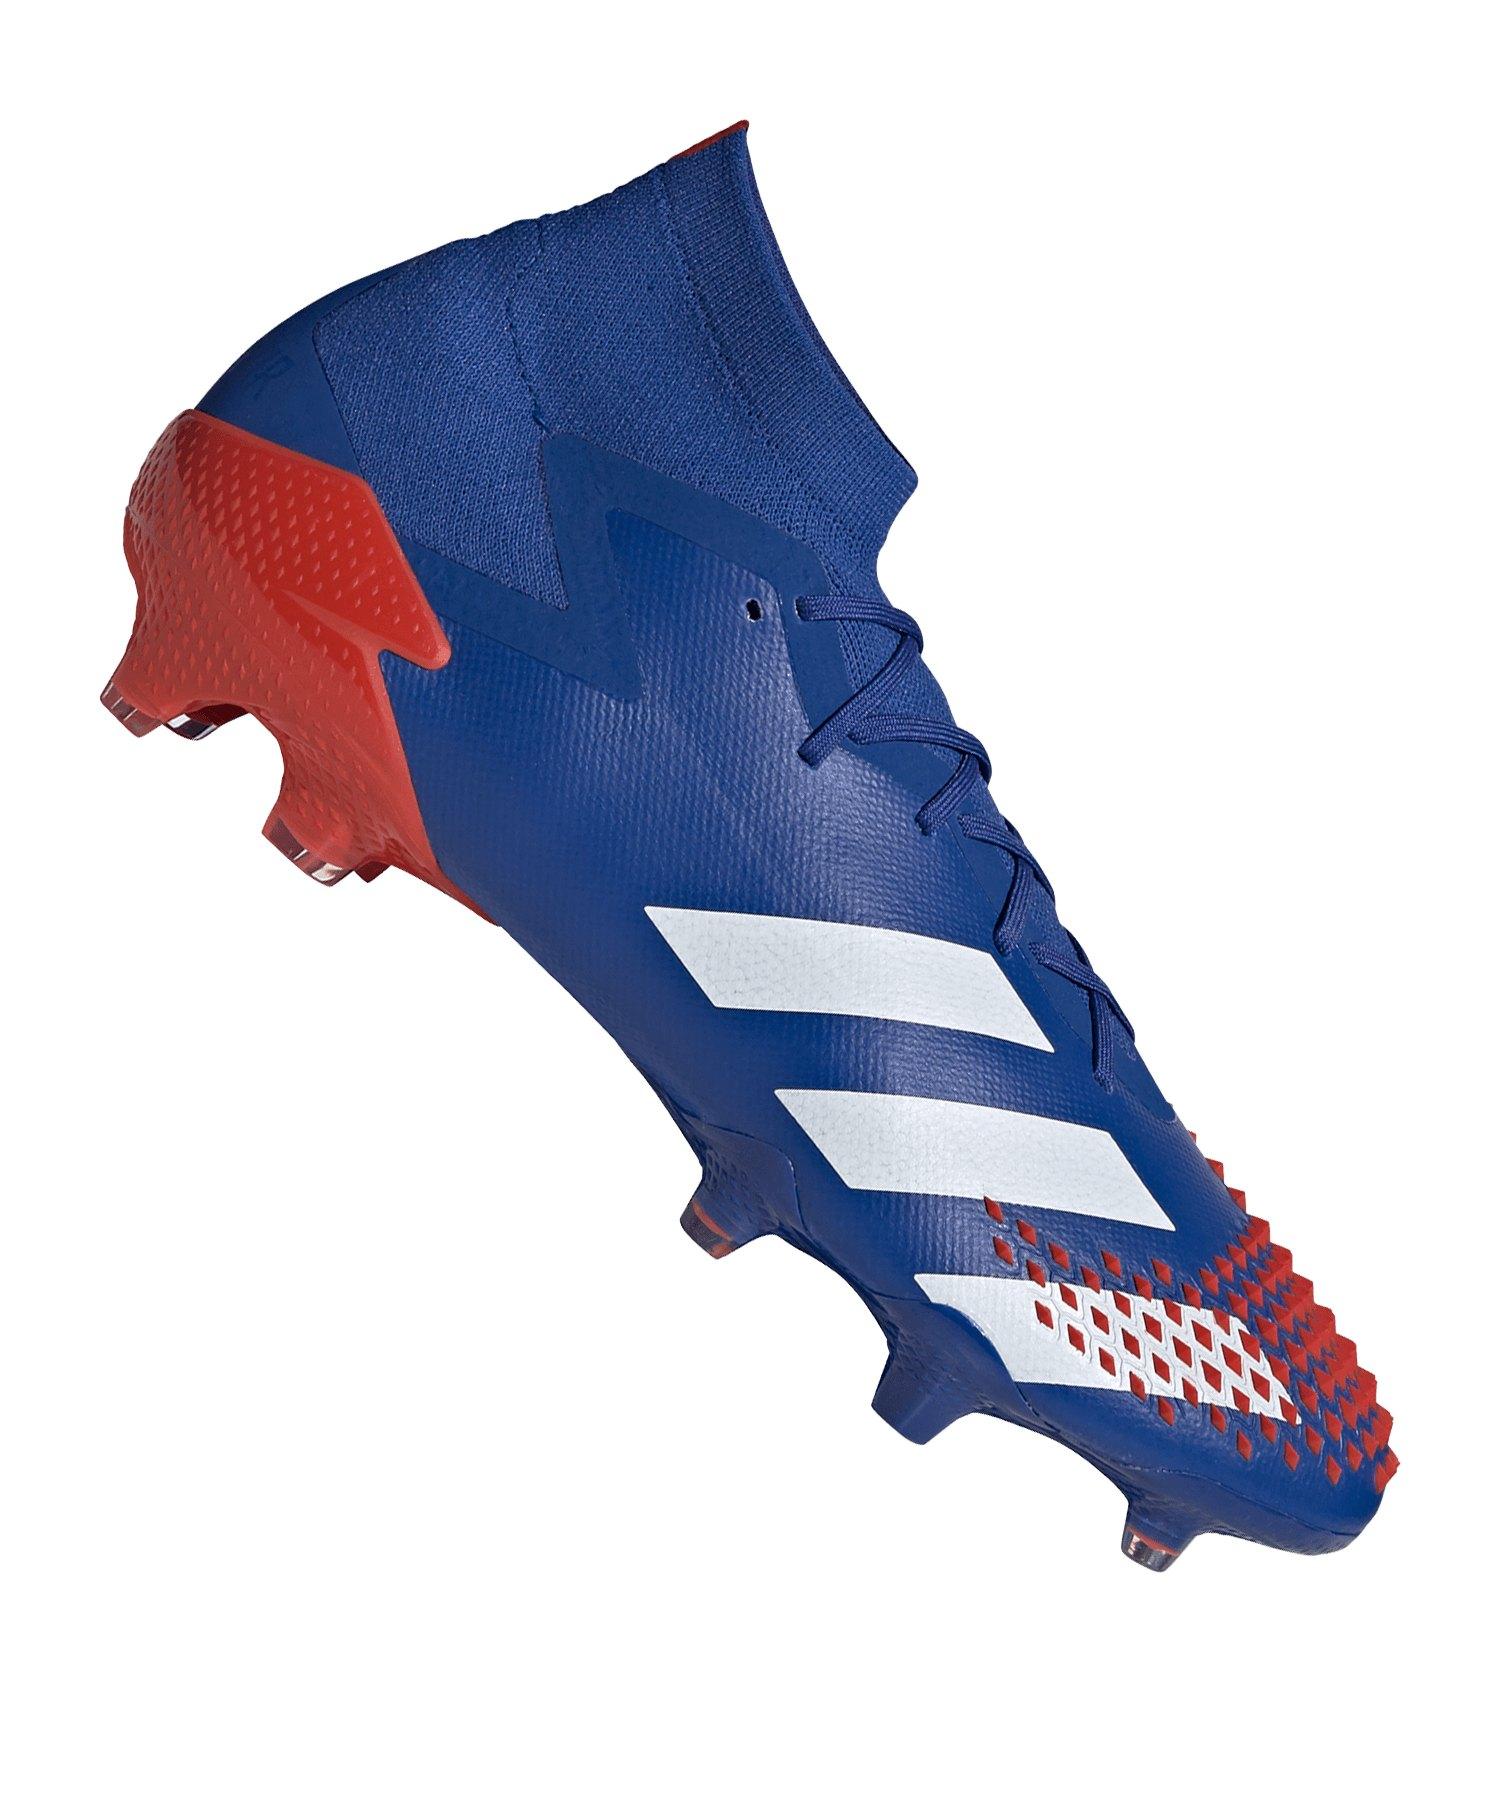 adidas Predator 20.1 FG Blau Rot - blau